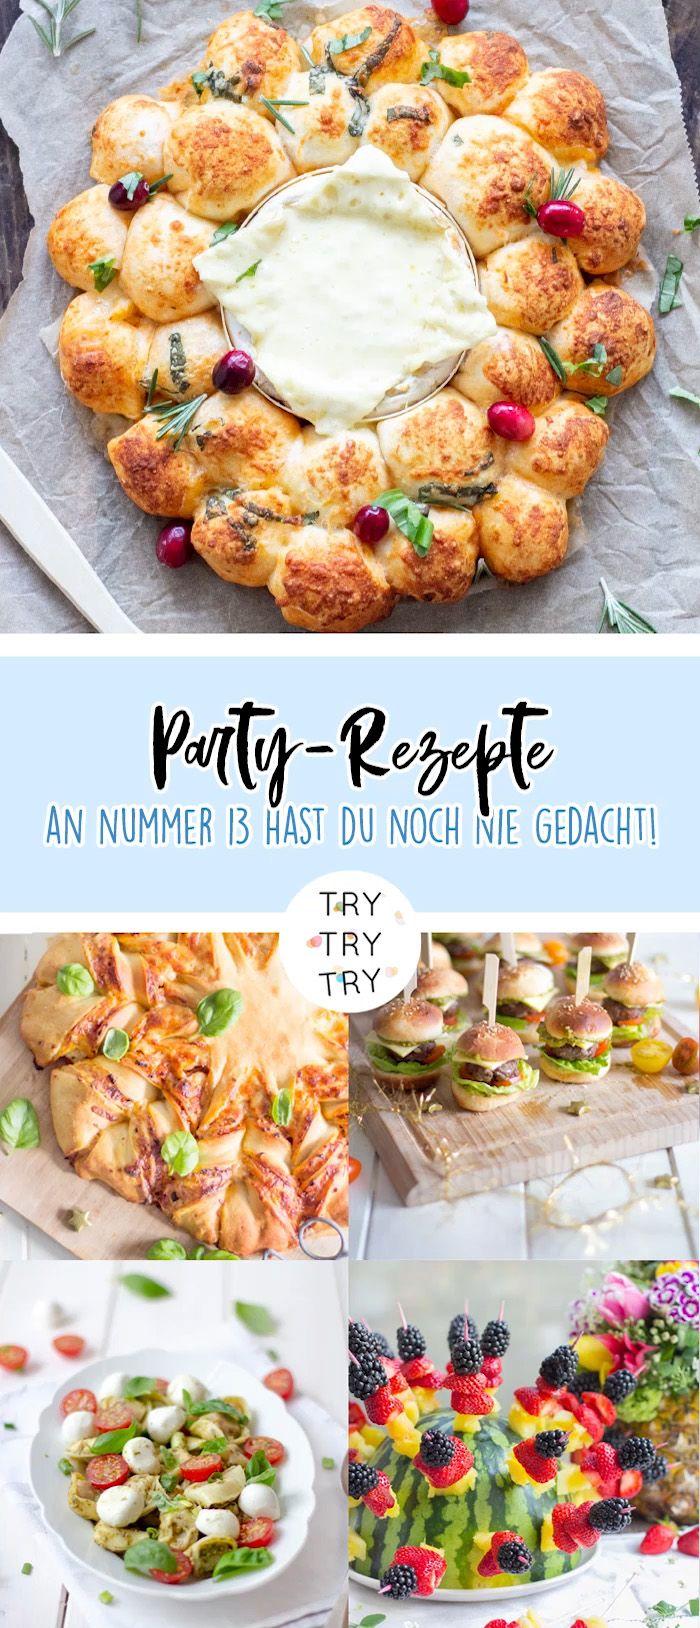 15+ einfache und kreative Ideen für Party Essen / Party